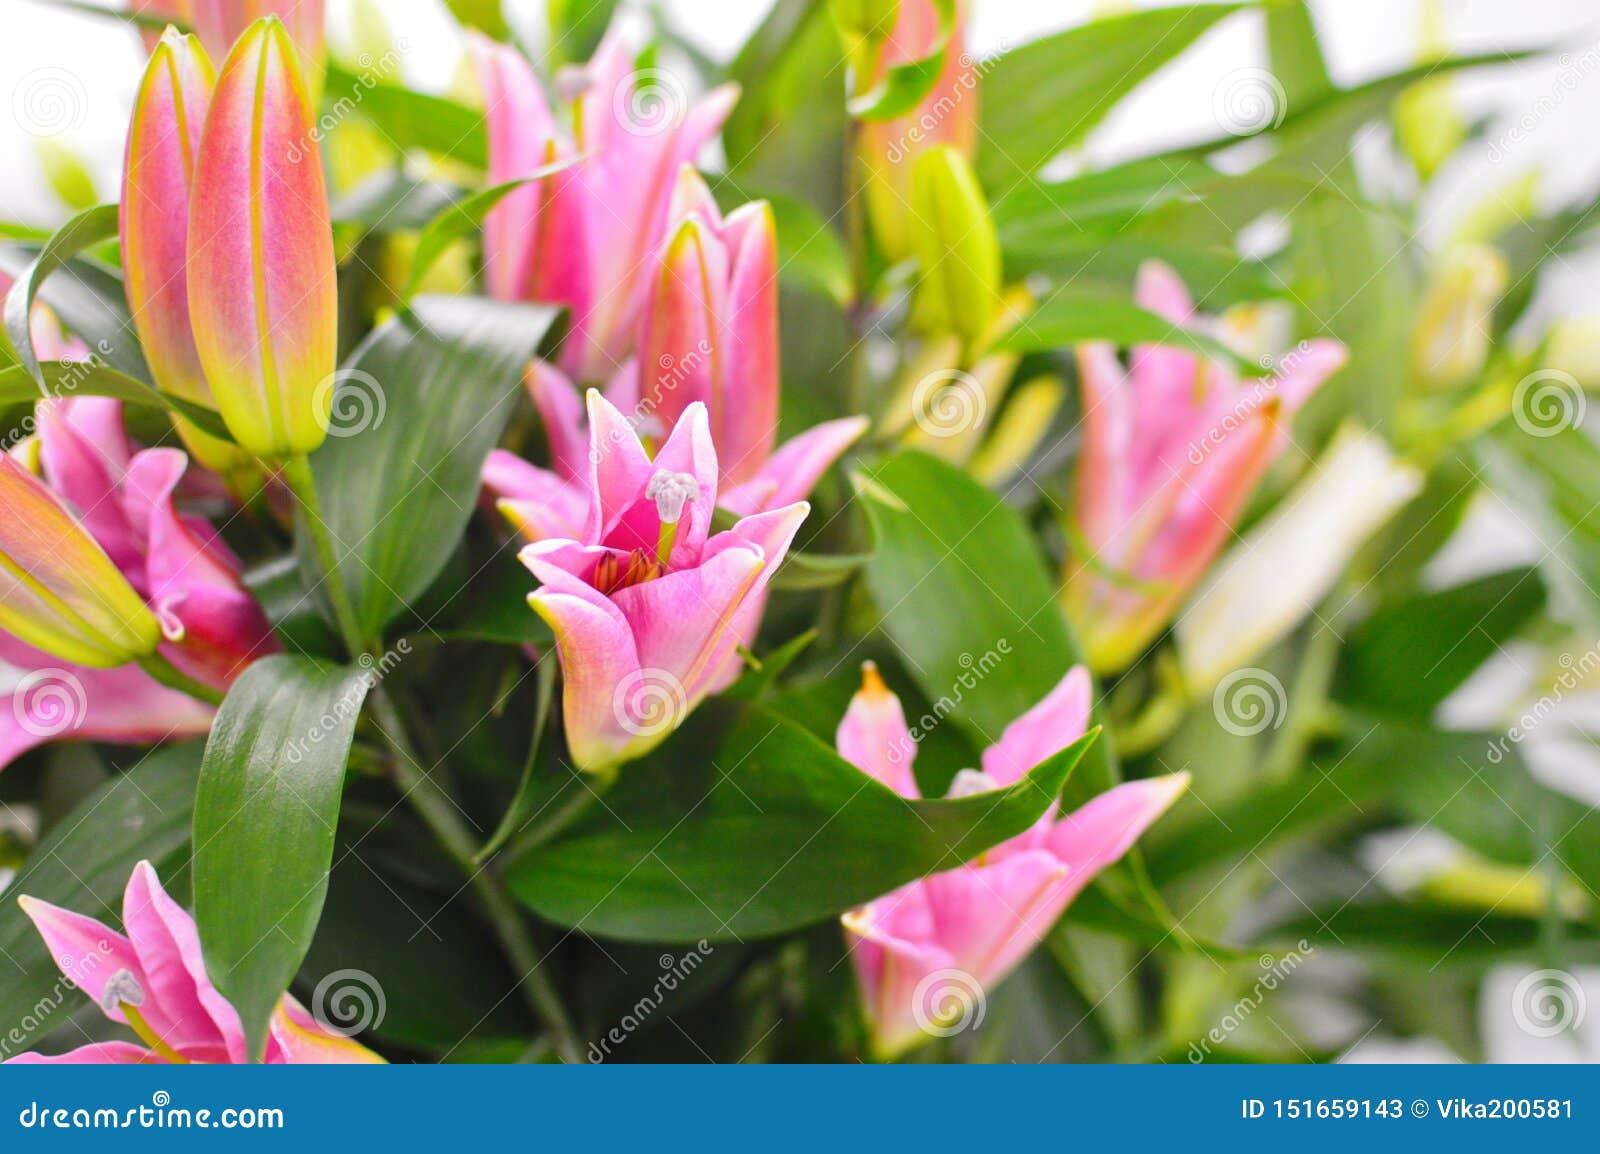 Härlig rosa lilja i blomsterhandel